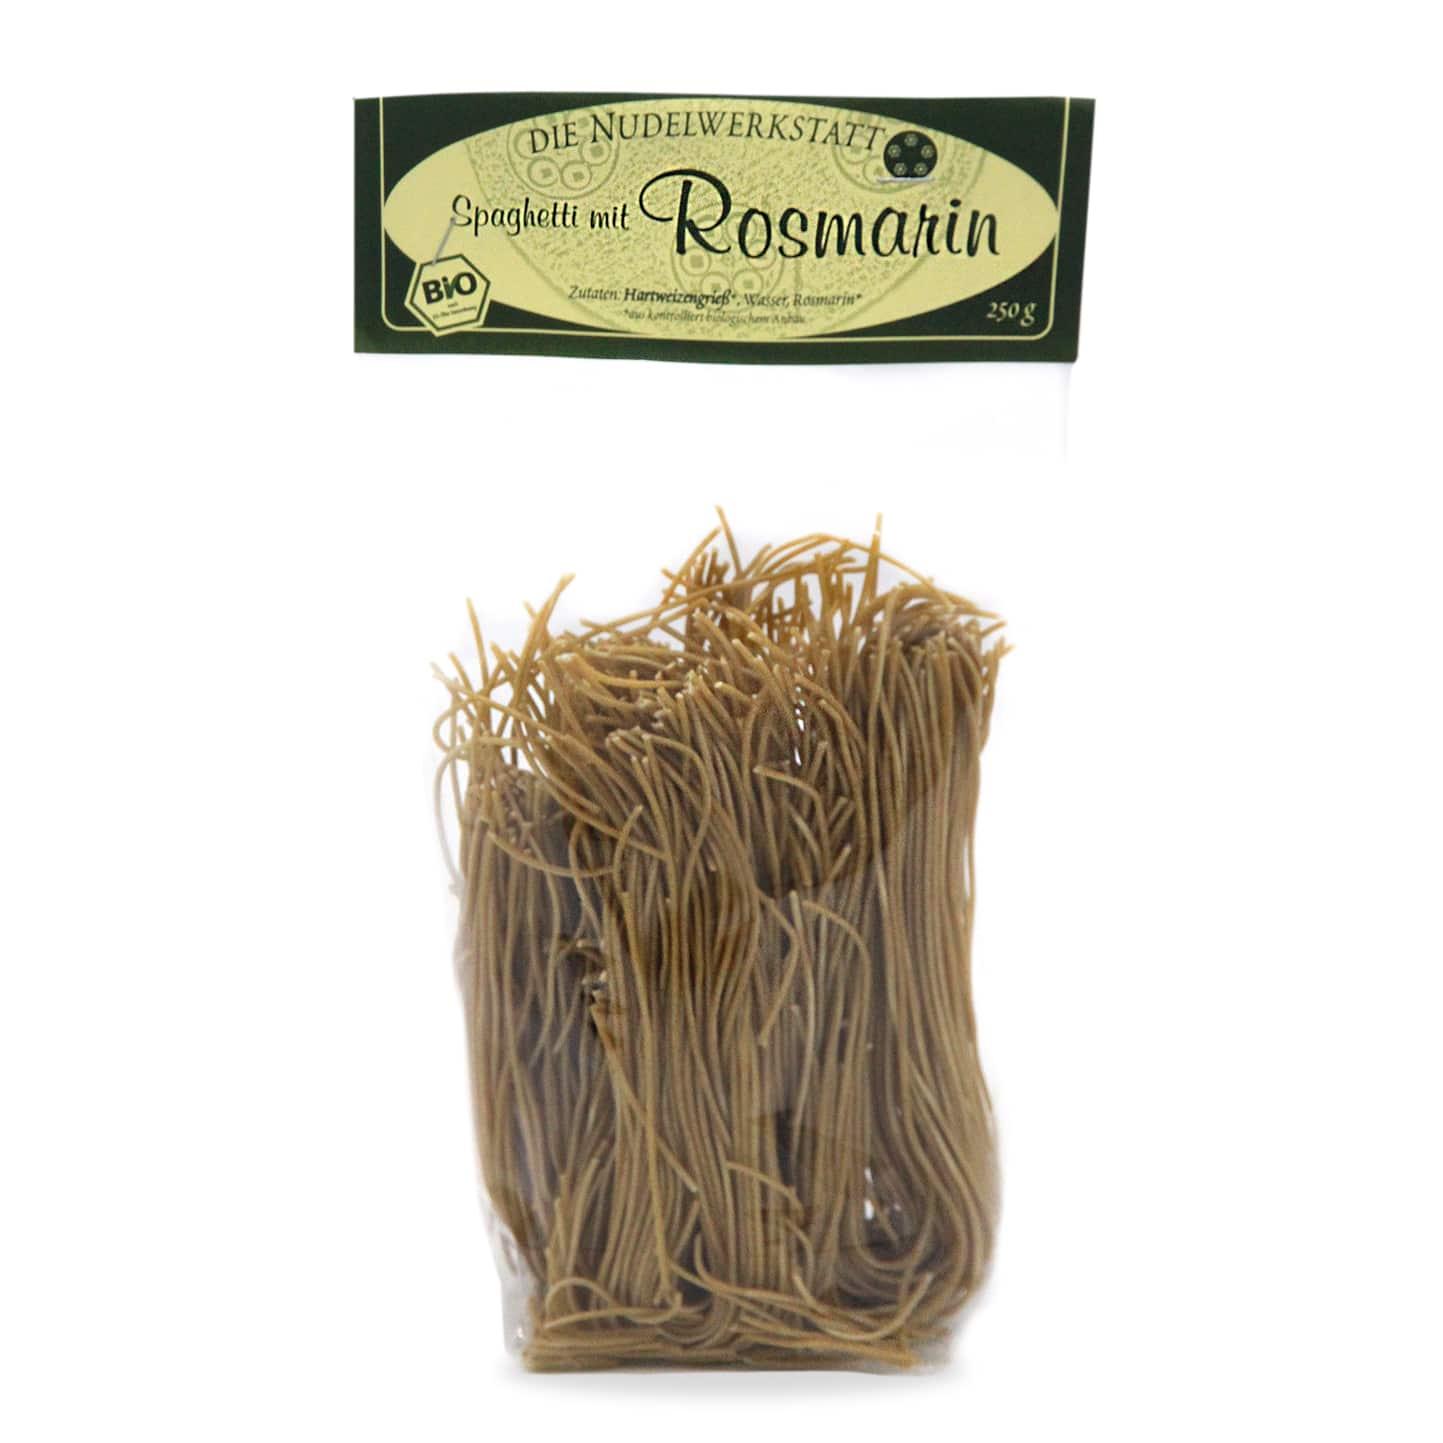 Spaghetti Rosmarin 250g